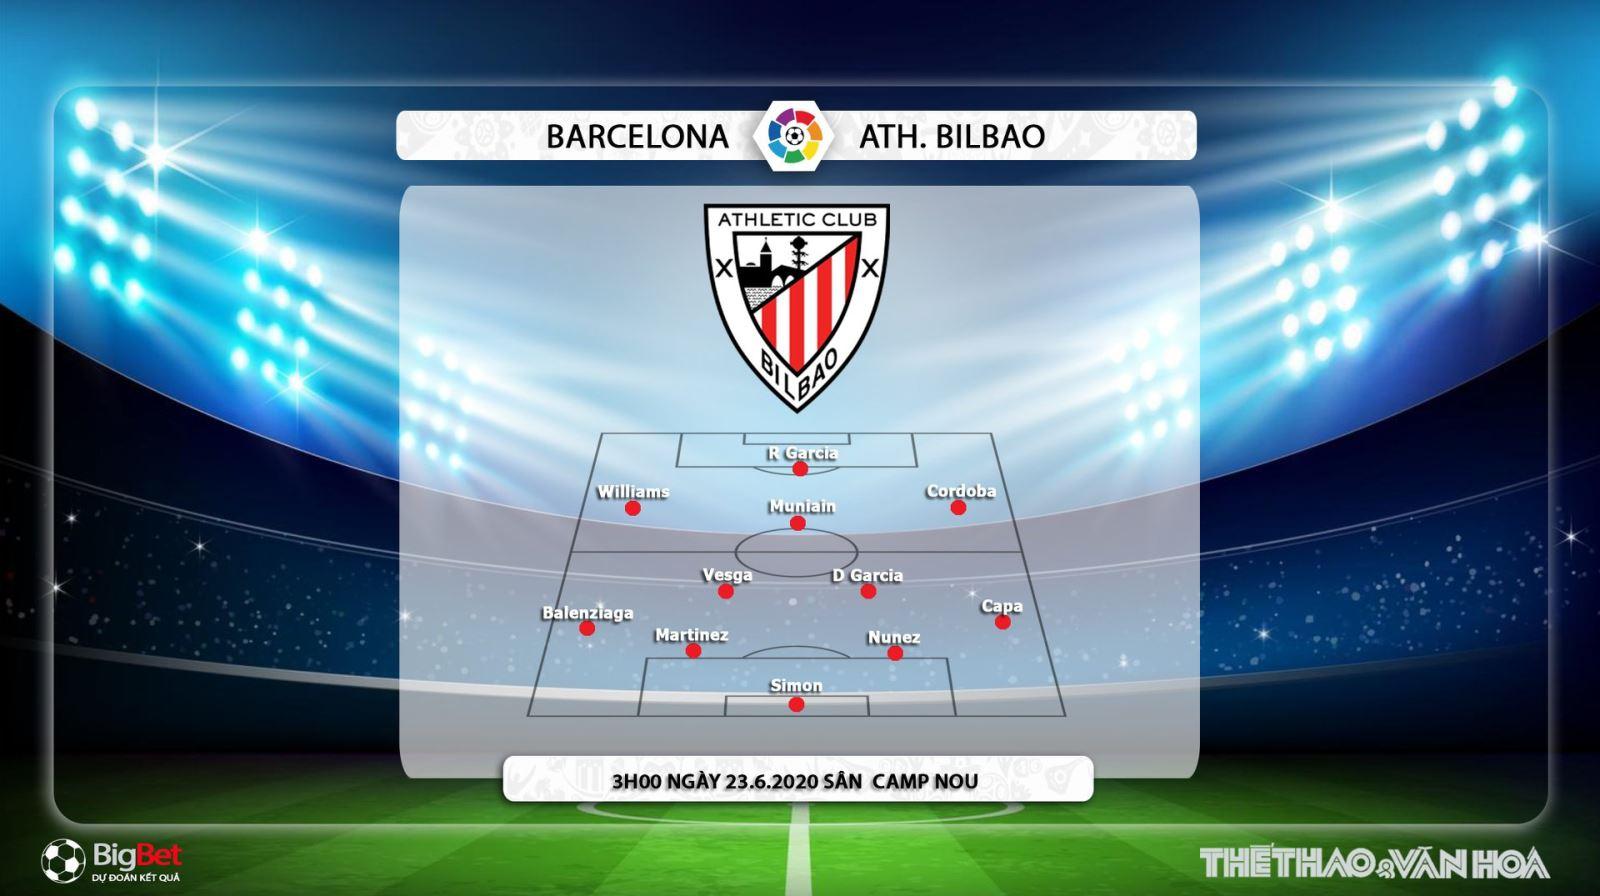 Keo nha cai, kèo nhà cái, Barcelona vs Athletic Bilbao, Trực tiếp bóng đá Tây Ban Nha, BĐTV, trực tiếp bóng đá La Liga, kèo Barca đấu với Bilbao, soi kèo Barca, La Liga